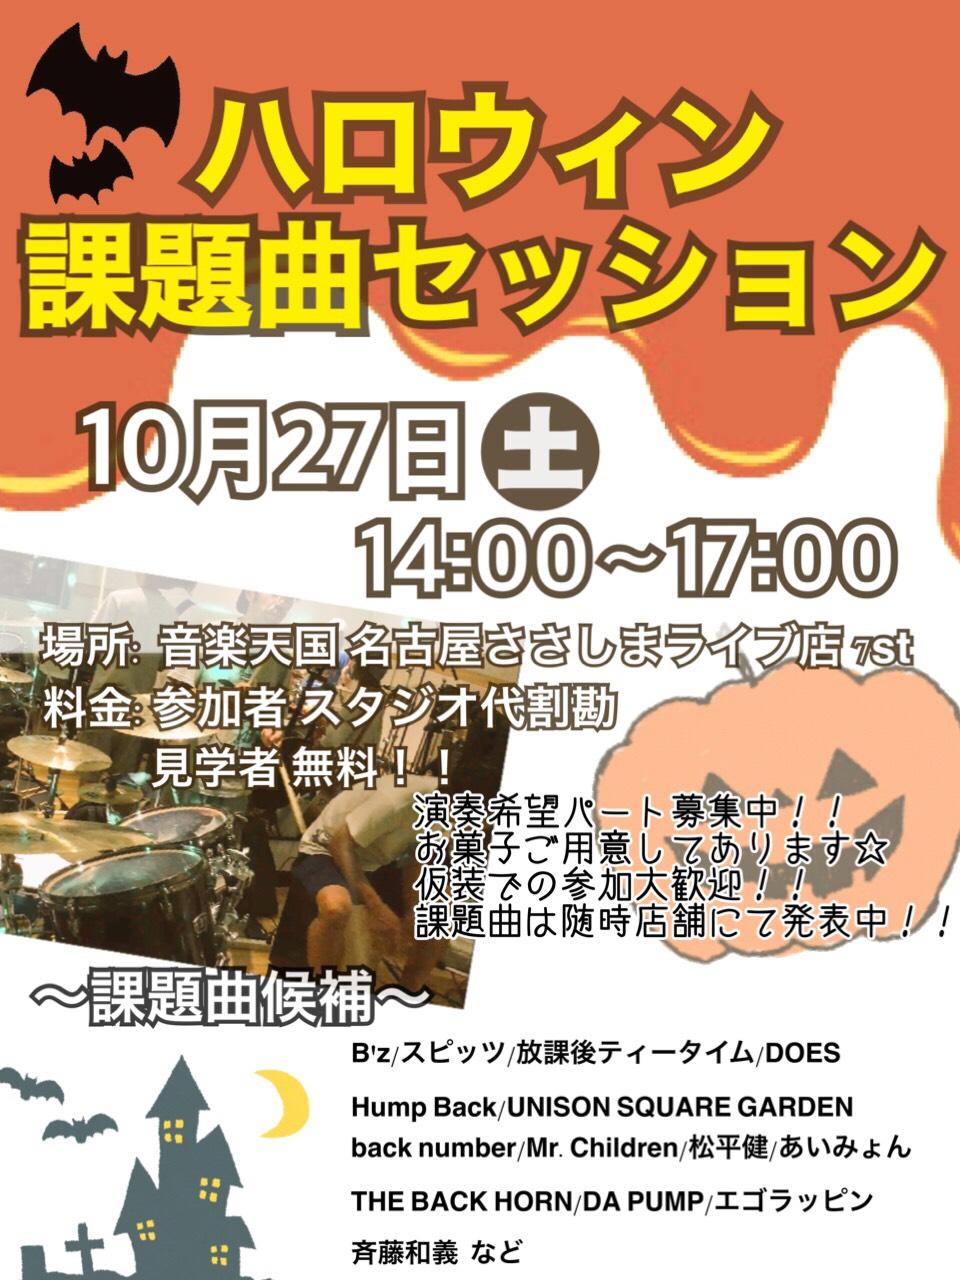 【ハロウィン・課題曲セッション】音楽天国・名古屋ささしまライブ店10月27日(土)開催